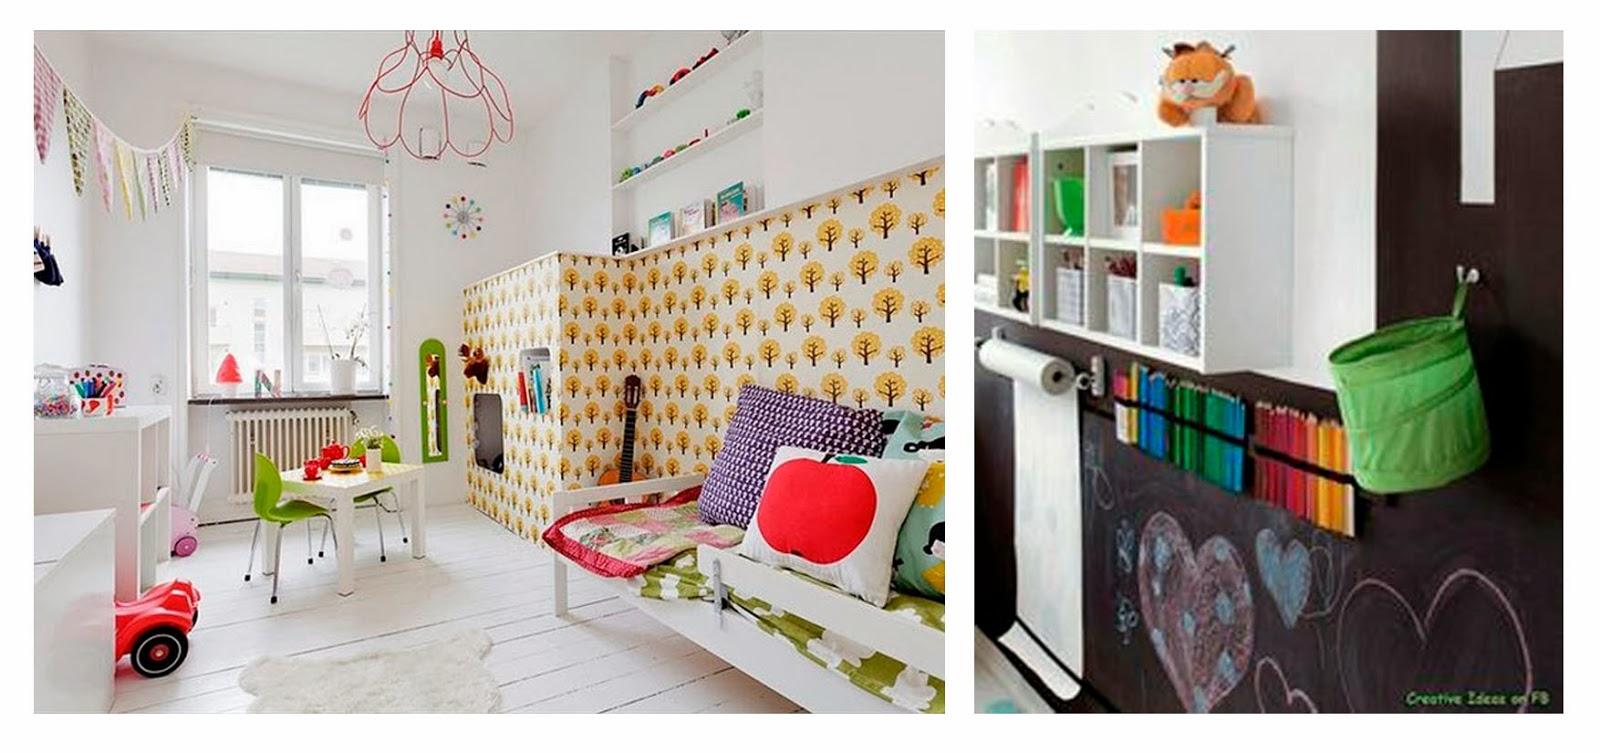 Design craft kids room camera dei bambini - Camera dei bambini ...